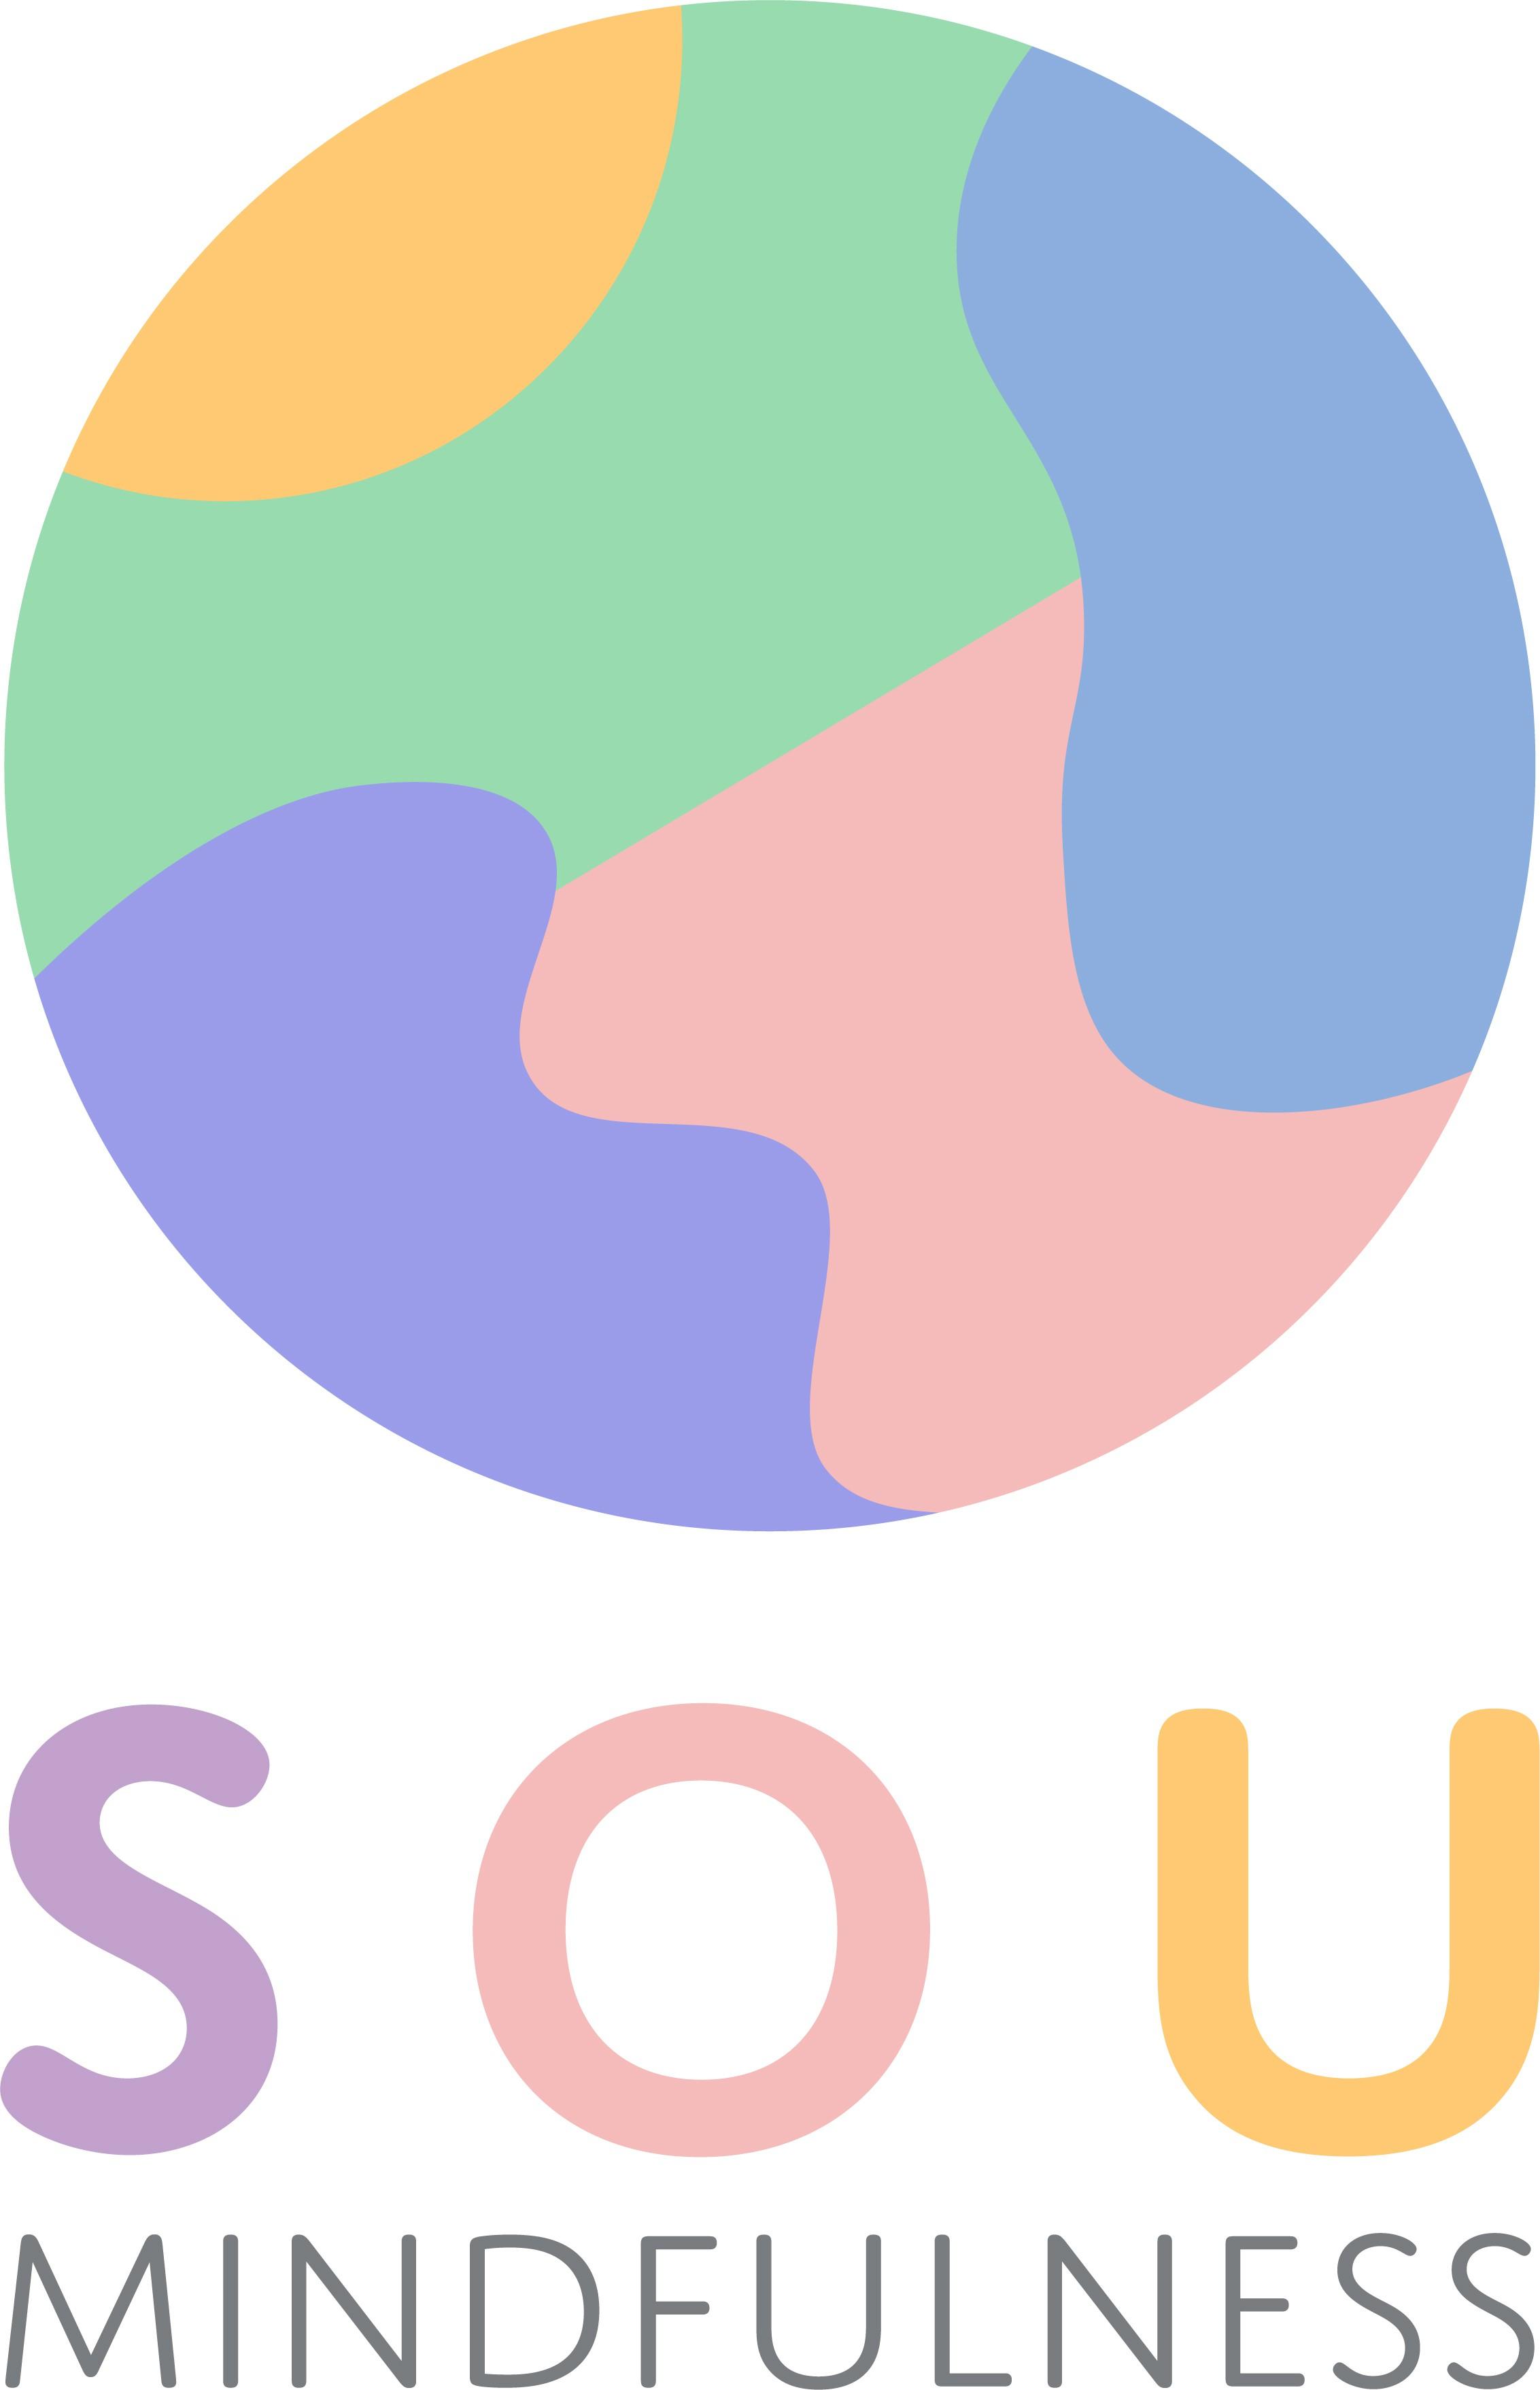 Modern brand assets for meditation and emotional balance workshops